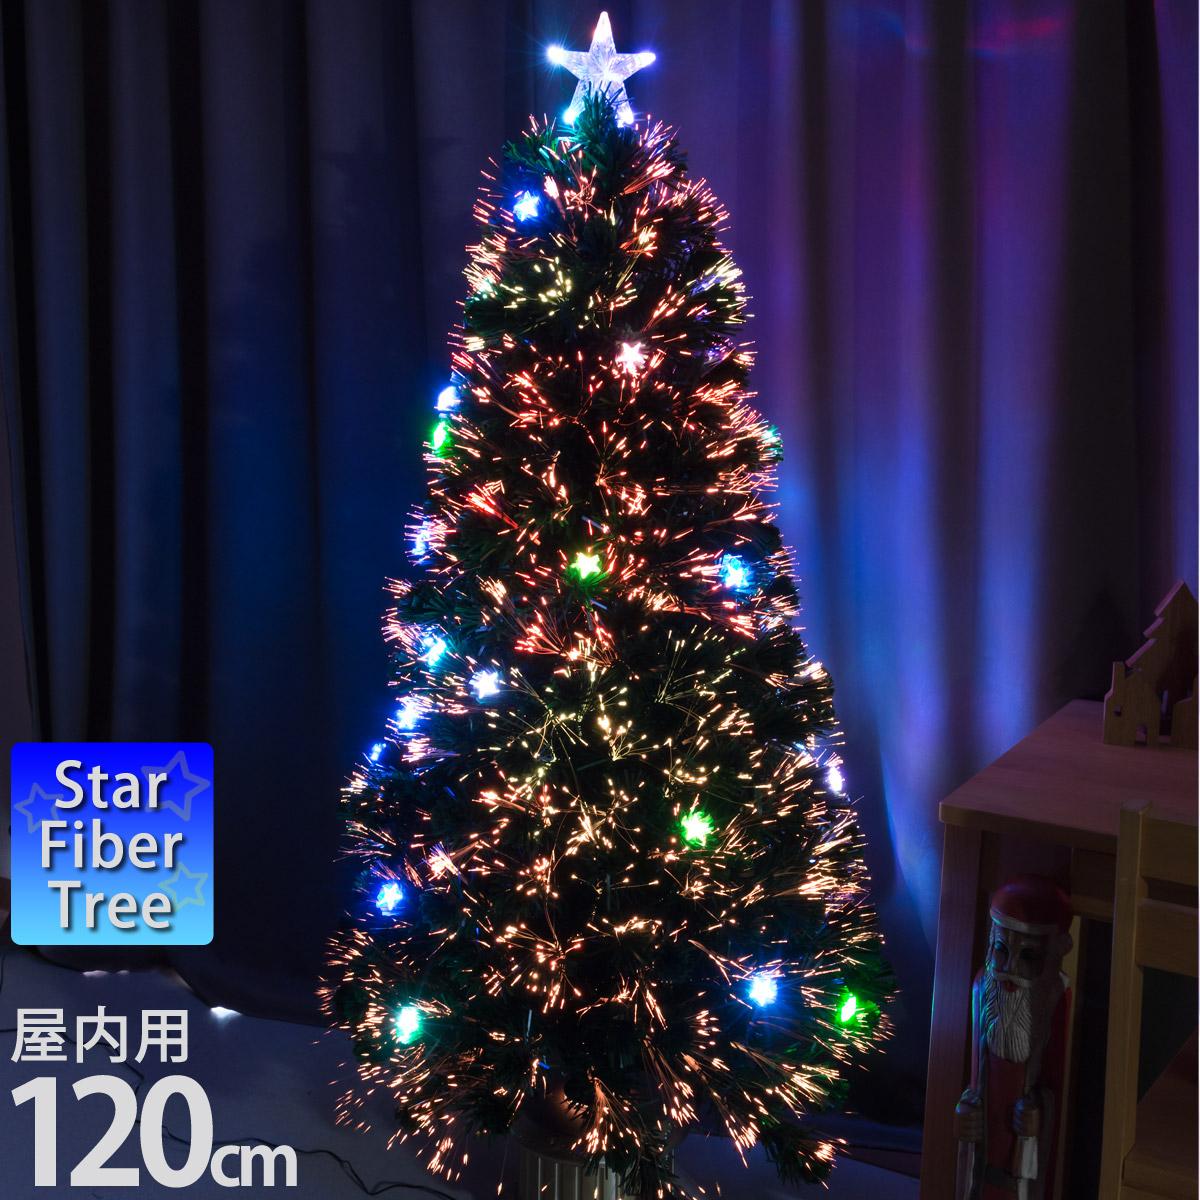 クリスマスツリー LED チェンジング・ファイバーツリー スター付き 台座式・JACK付き 120cm LED光源 北欧 おしゃれ